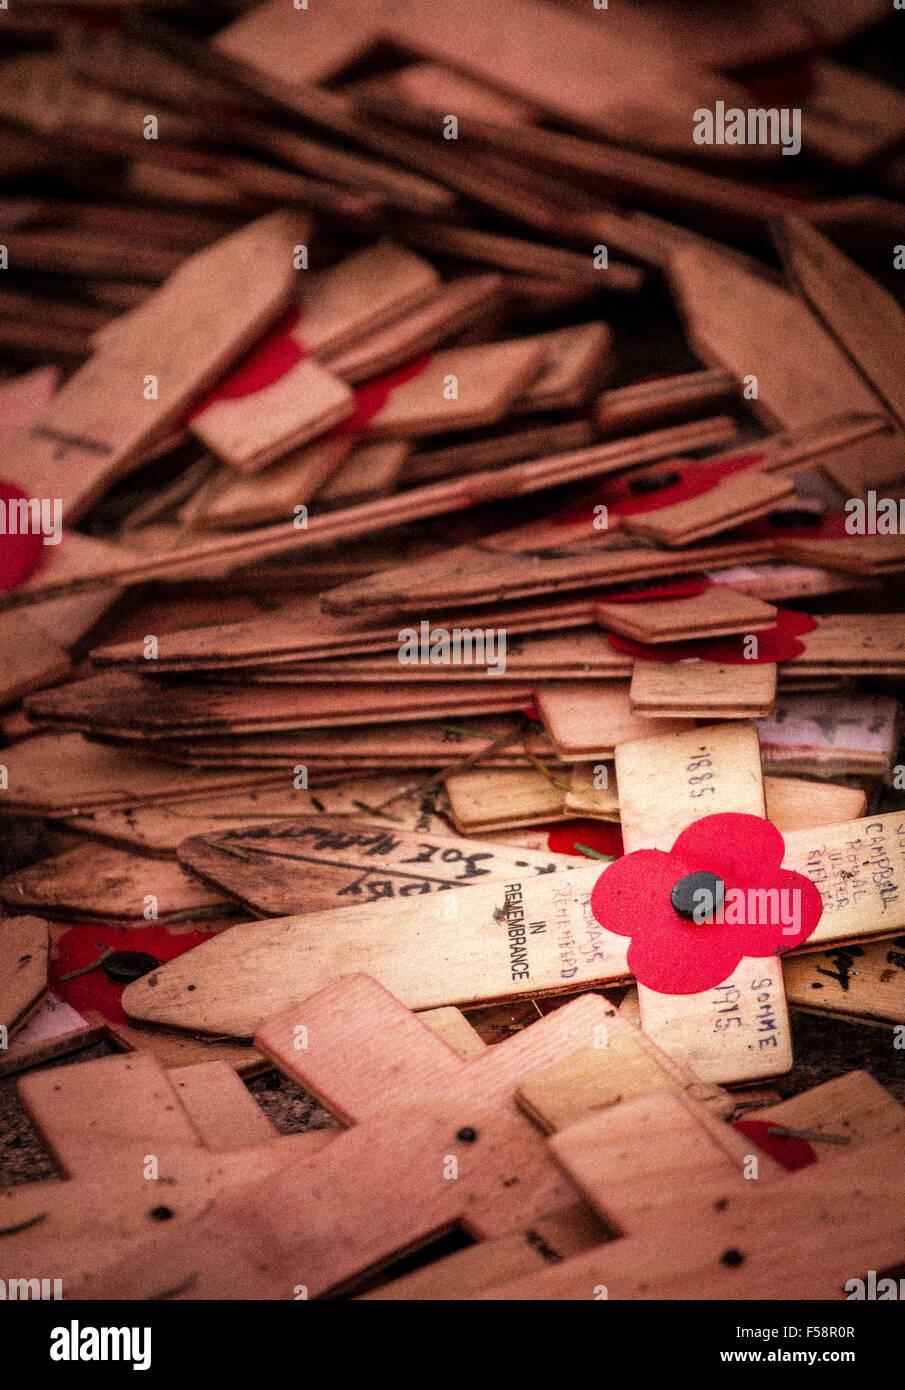 Croci di legno e di papavero stesa per terra come parte di il giorno dell'armistizio ricordo evento Immagini Stock